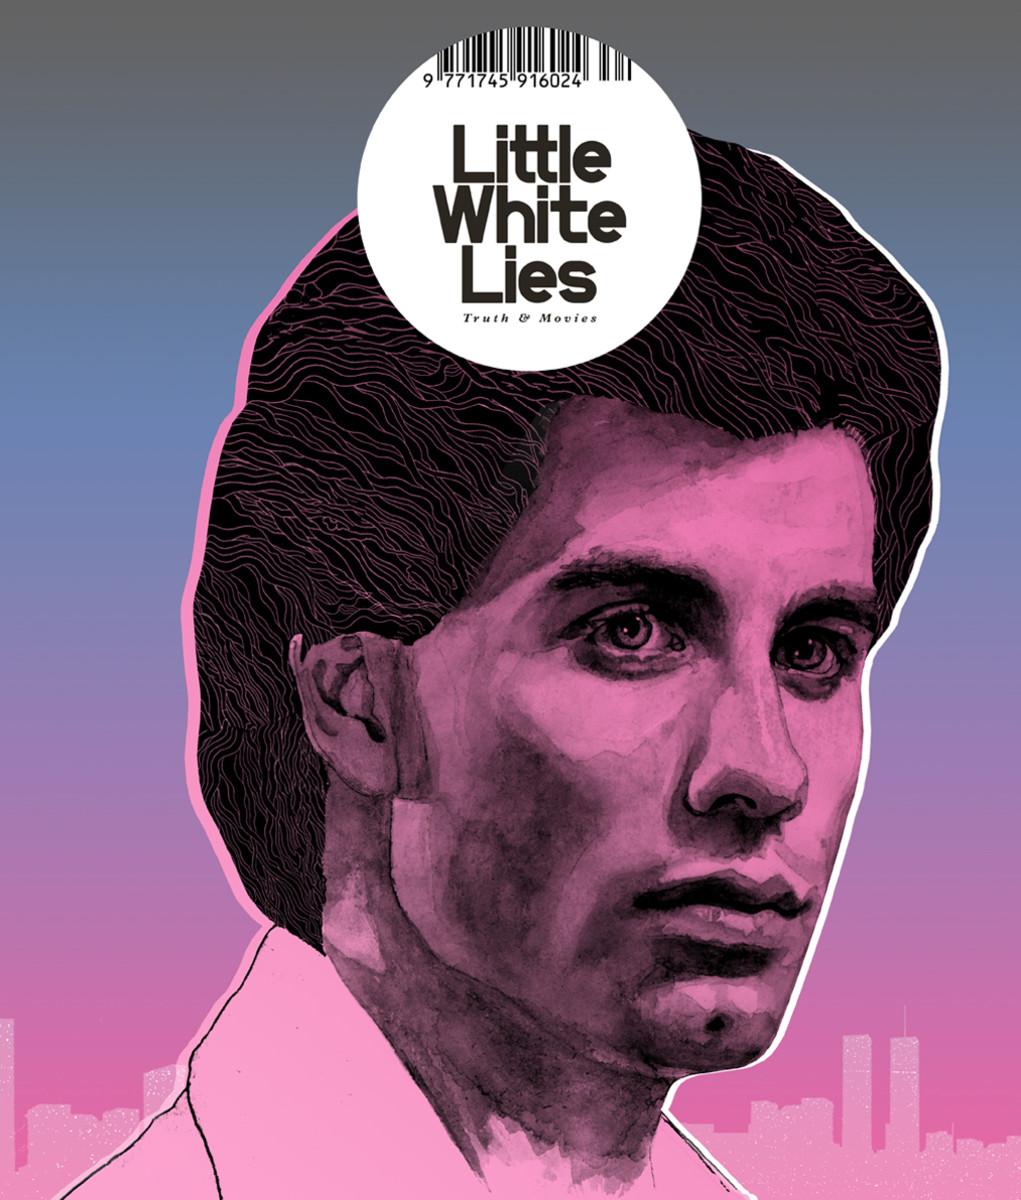 Little_white_lies_4_JimmyTurrell-1